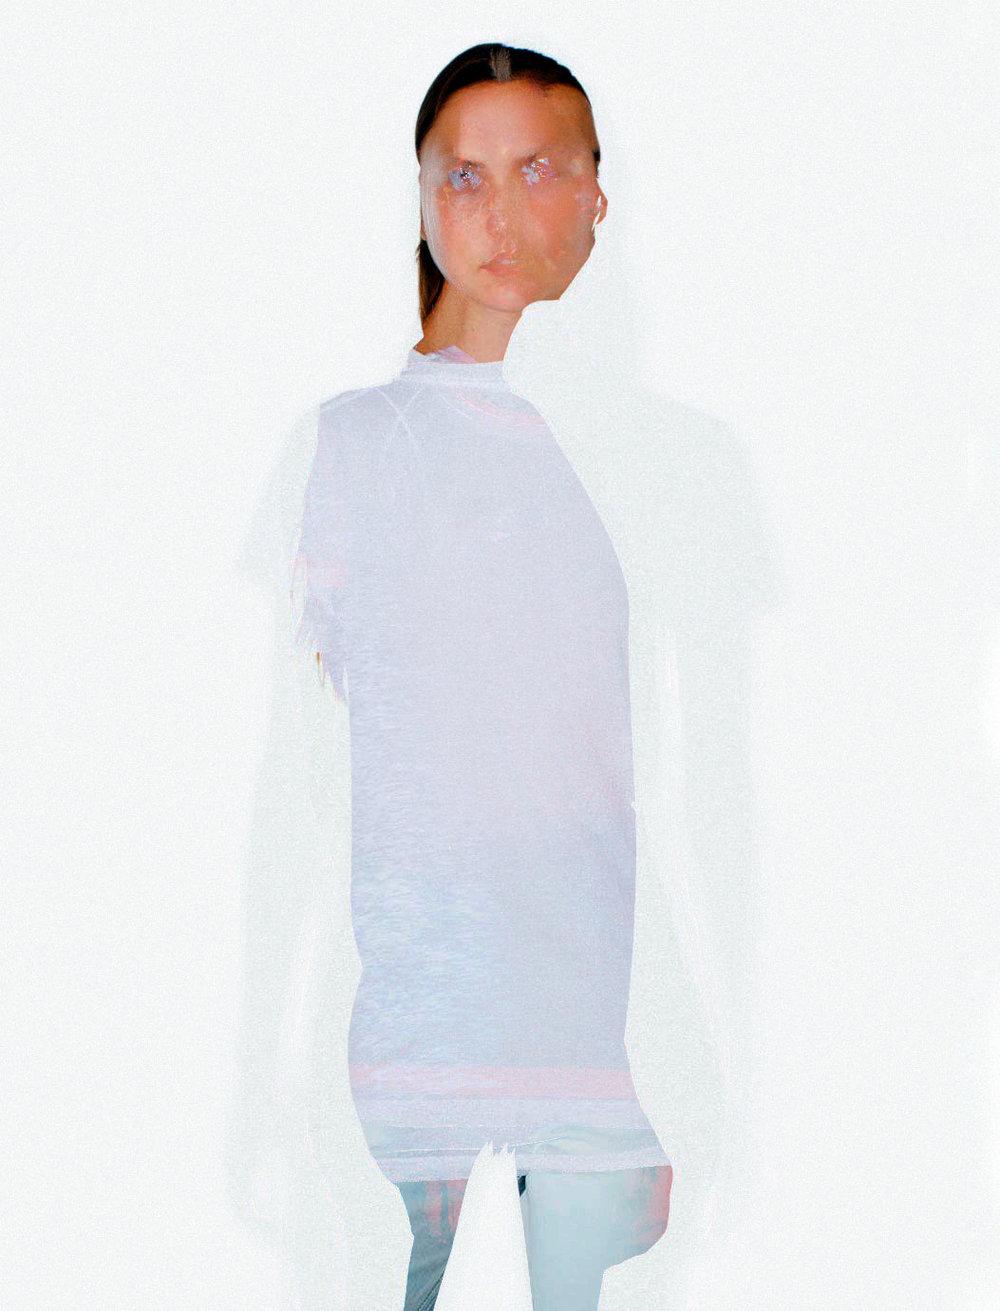 aa-2101-tshirt-01.jpg